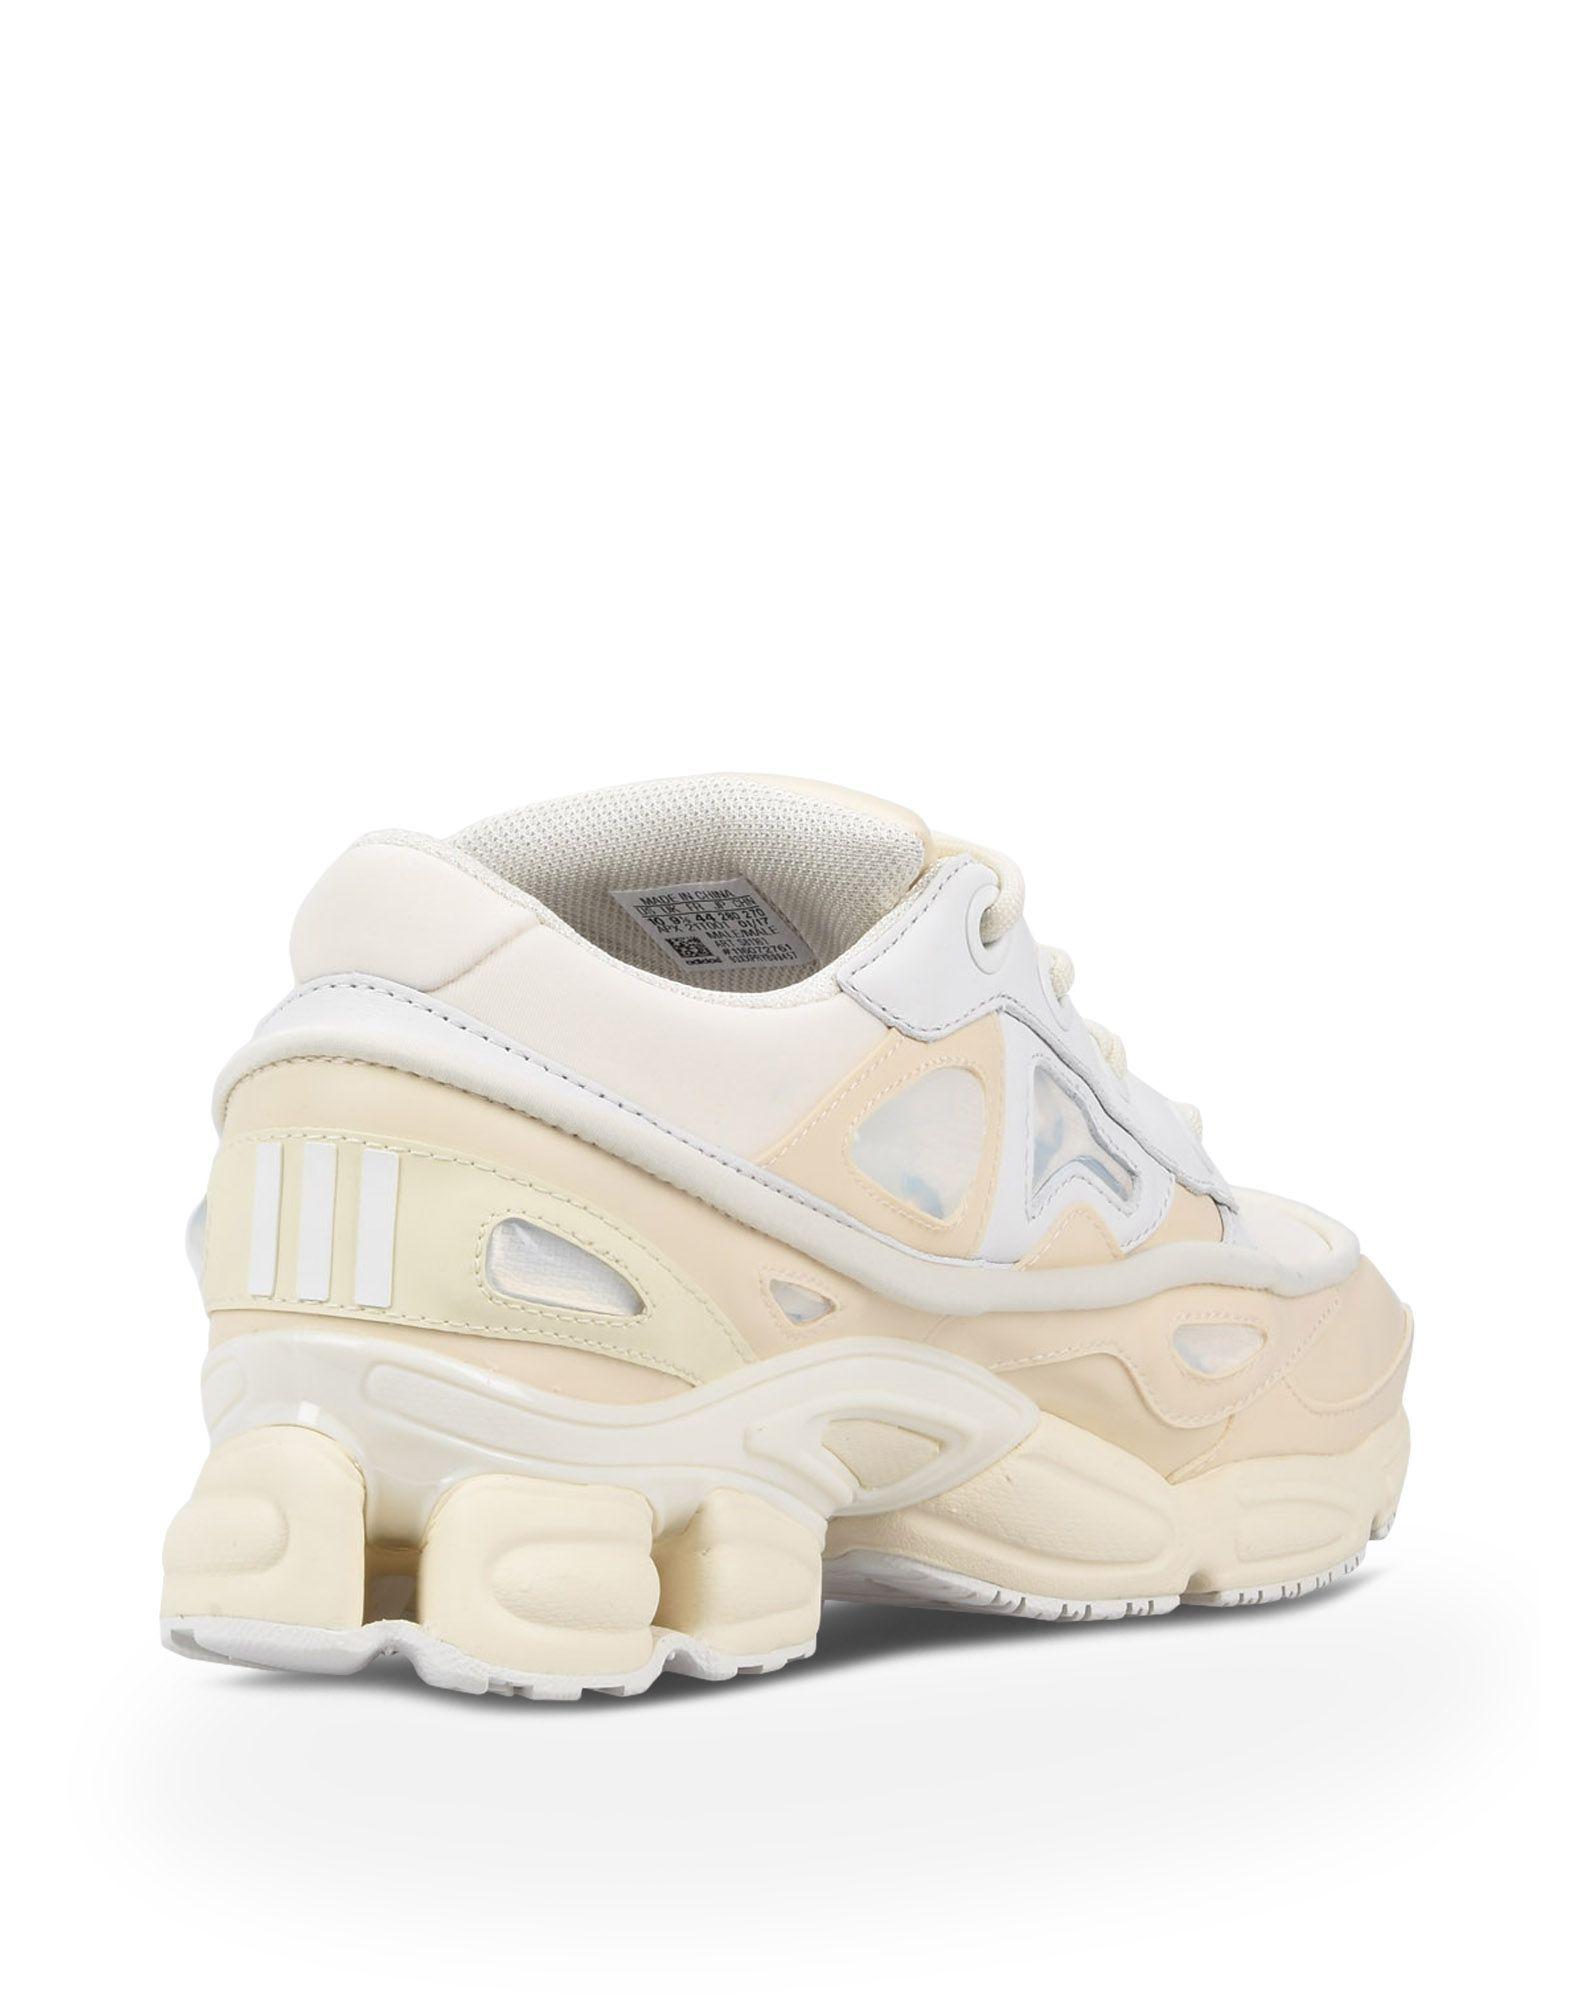 Adidas By Raf Simons Ozweego III sneakers comfortable sale online rDShQlQKGN